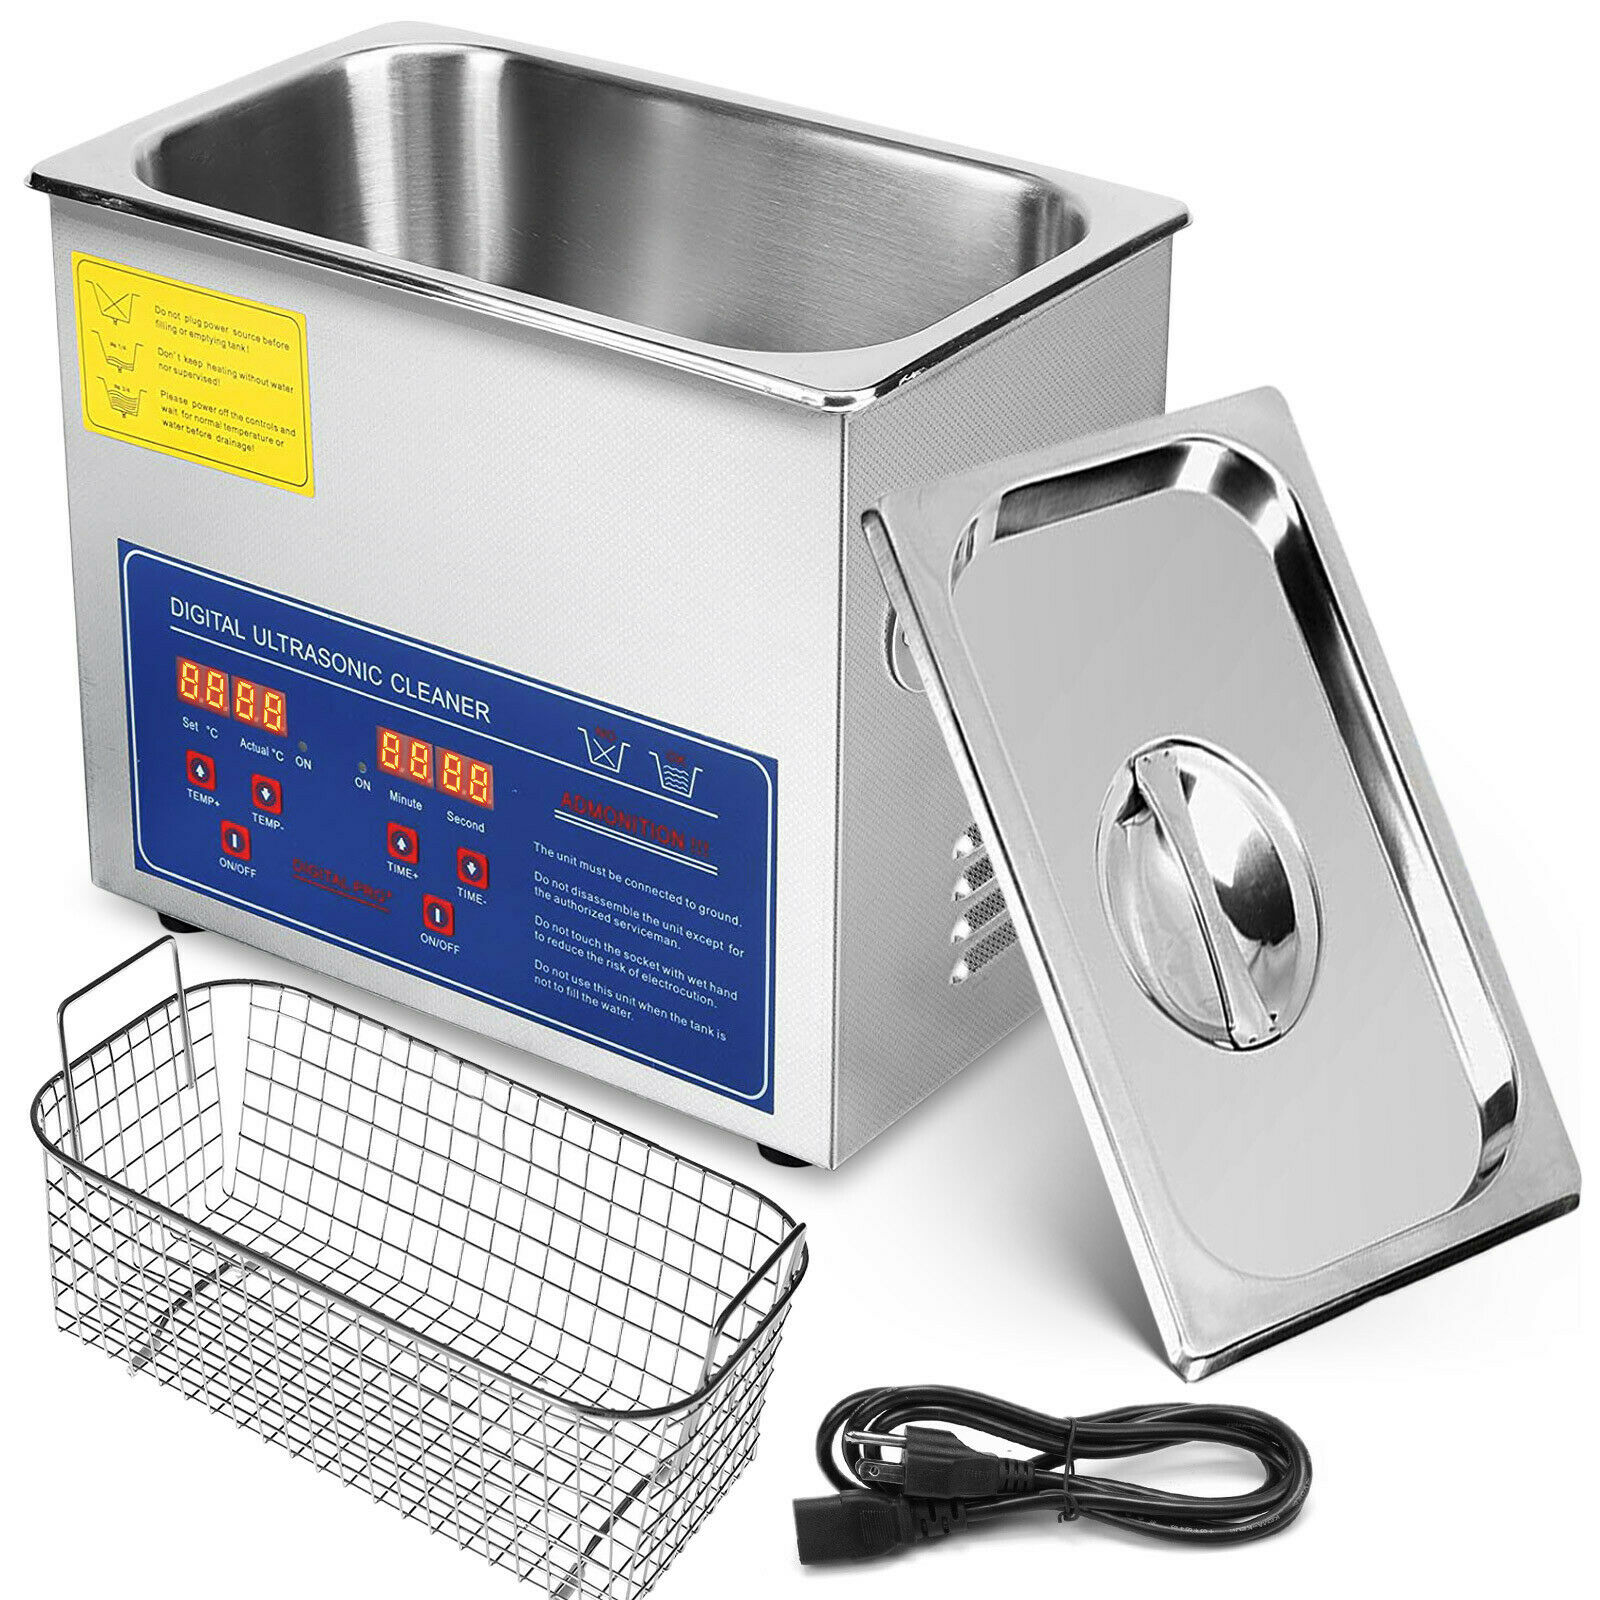 3L nettoyeur à ultrasons réchauffeur minuterie réservoir bain Machine de nettoyage industrie équipement en acier inoxydable